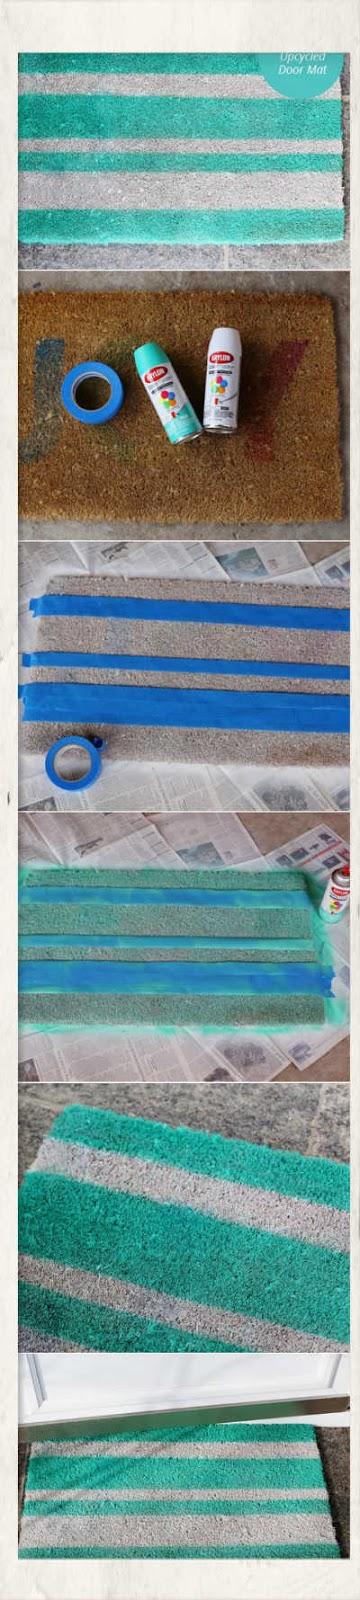 χειροποιητες κατασκευες χαλακια εισοδου,χαλακια εισοδου με καλοκαιρινα σχεδια,καλοκαιρινη διακοσμηση χειροποιητα χαλακια εισοδου